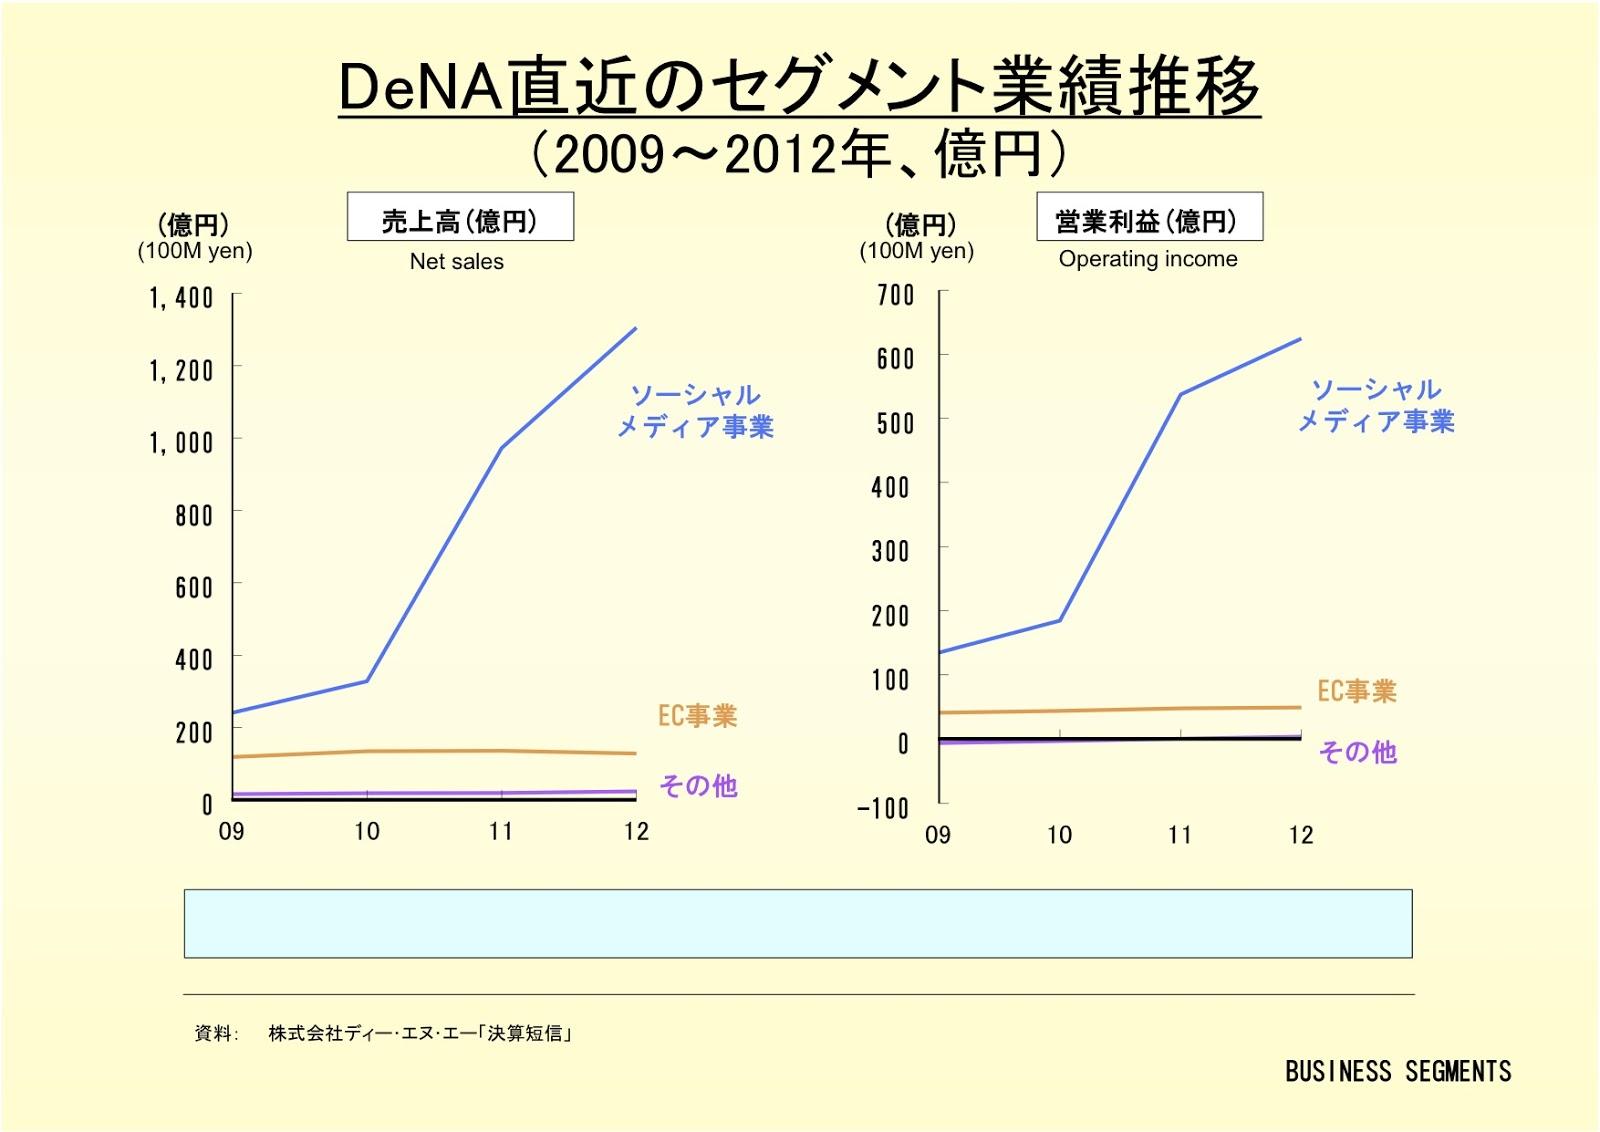 株式会社DeNAのセグメント業績推移